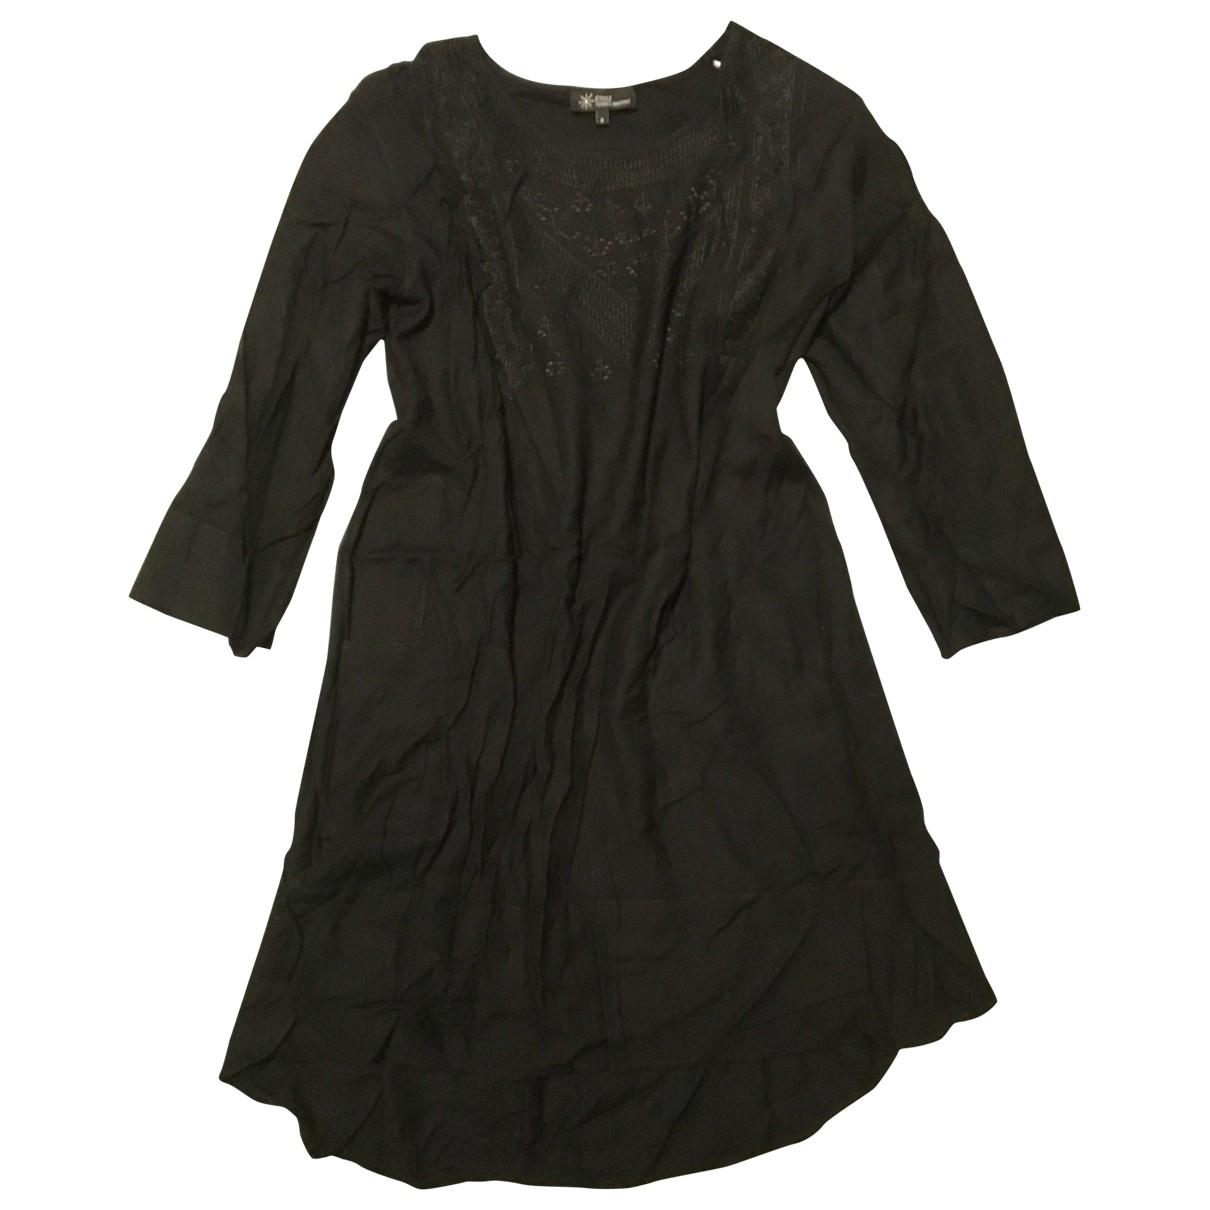 Isabel Marant Etoile \N Black dress for Women 3 0-5